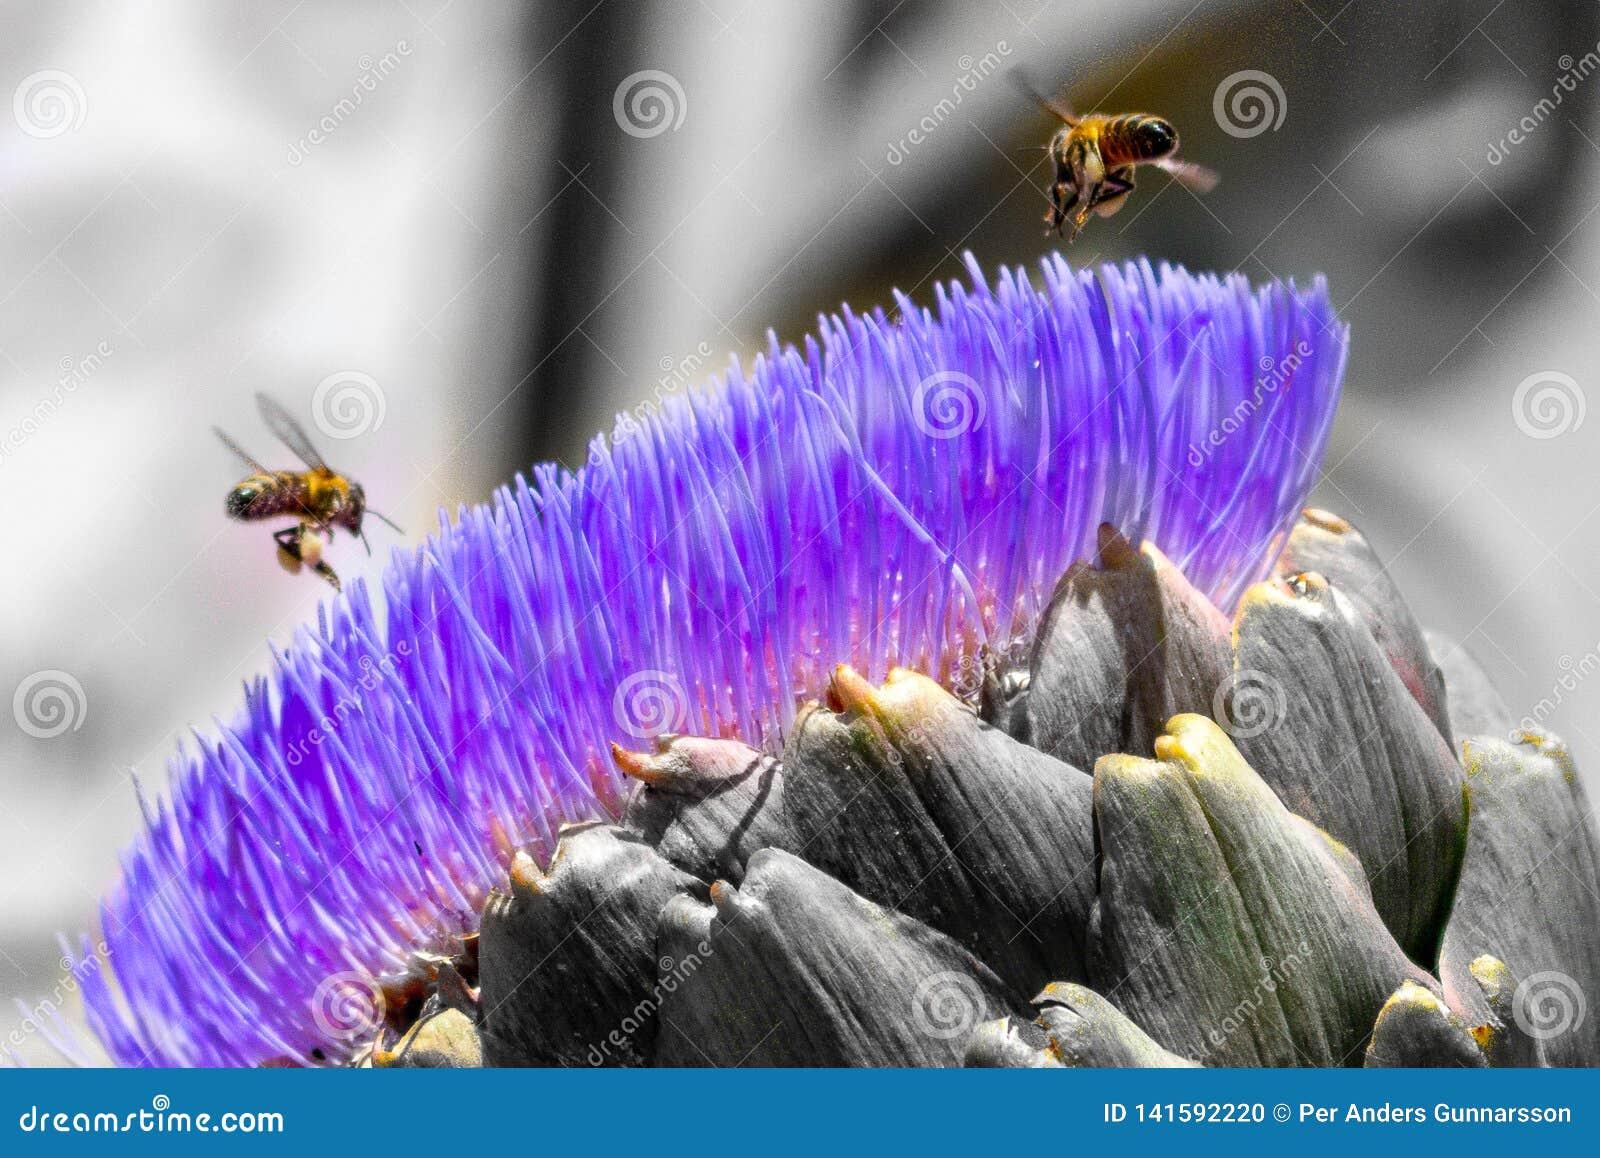 Пчелы на цветке артишока